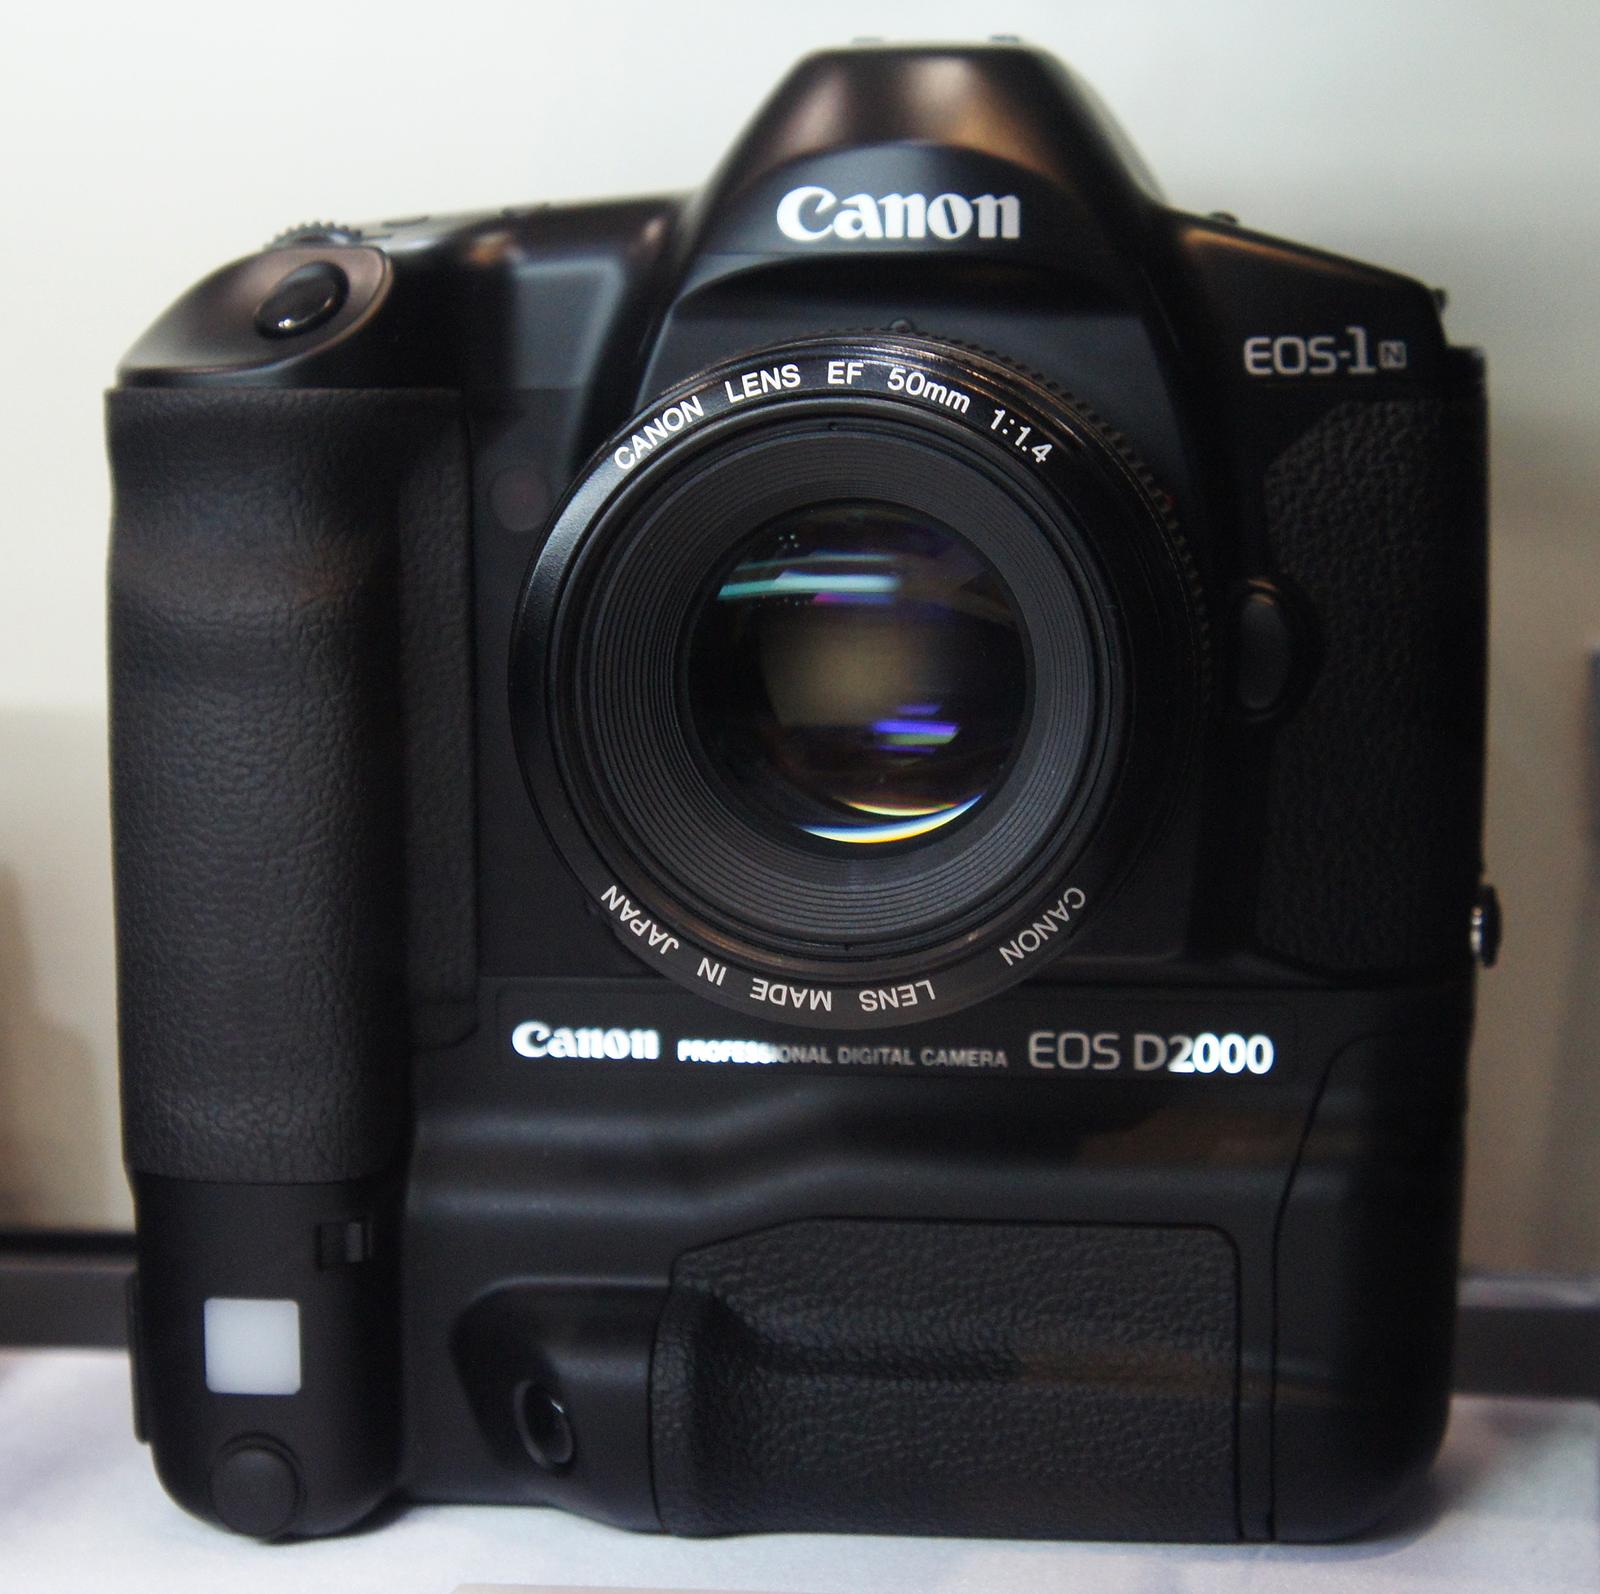 Canon Officially Announces Their New EOS M10